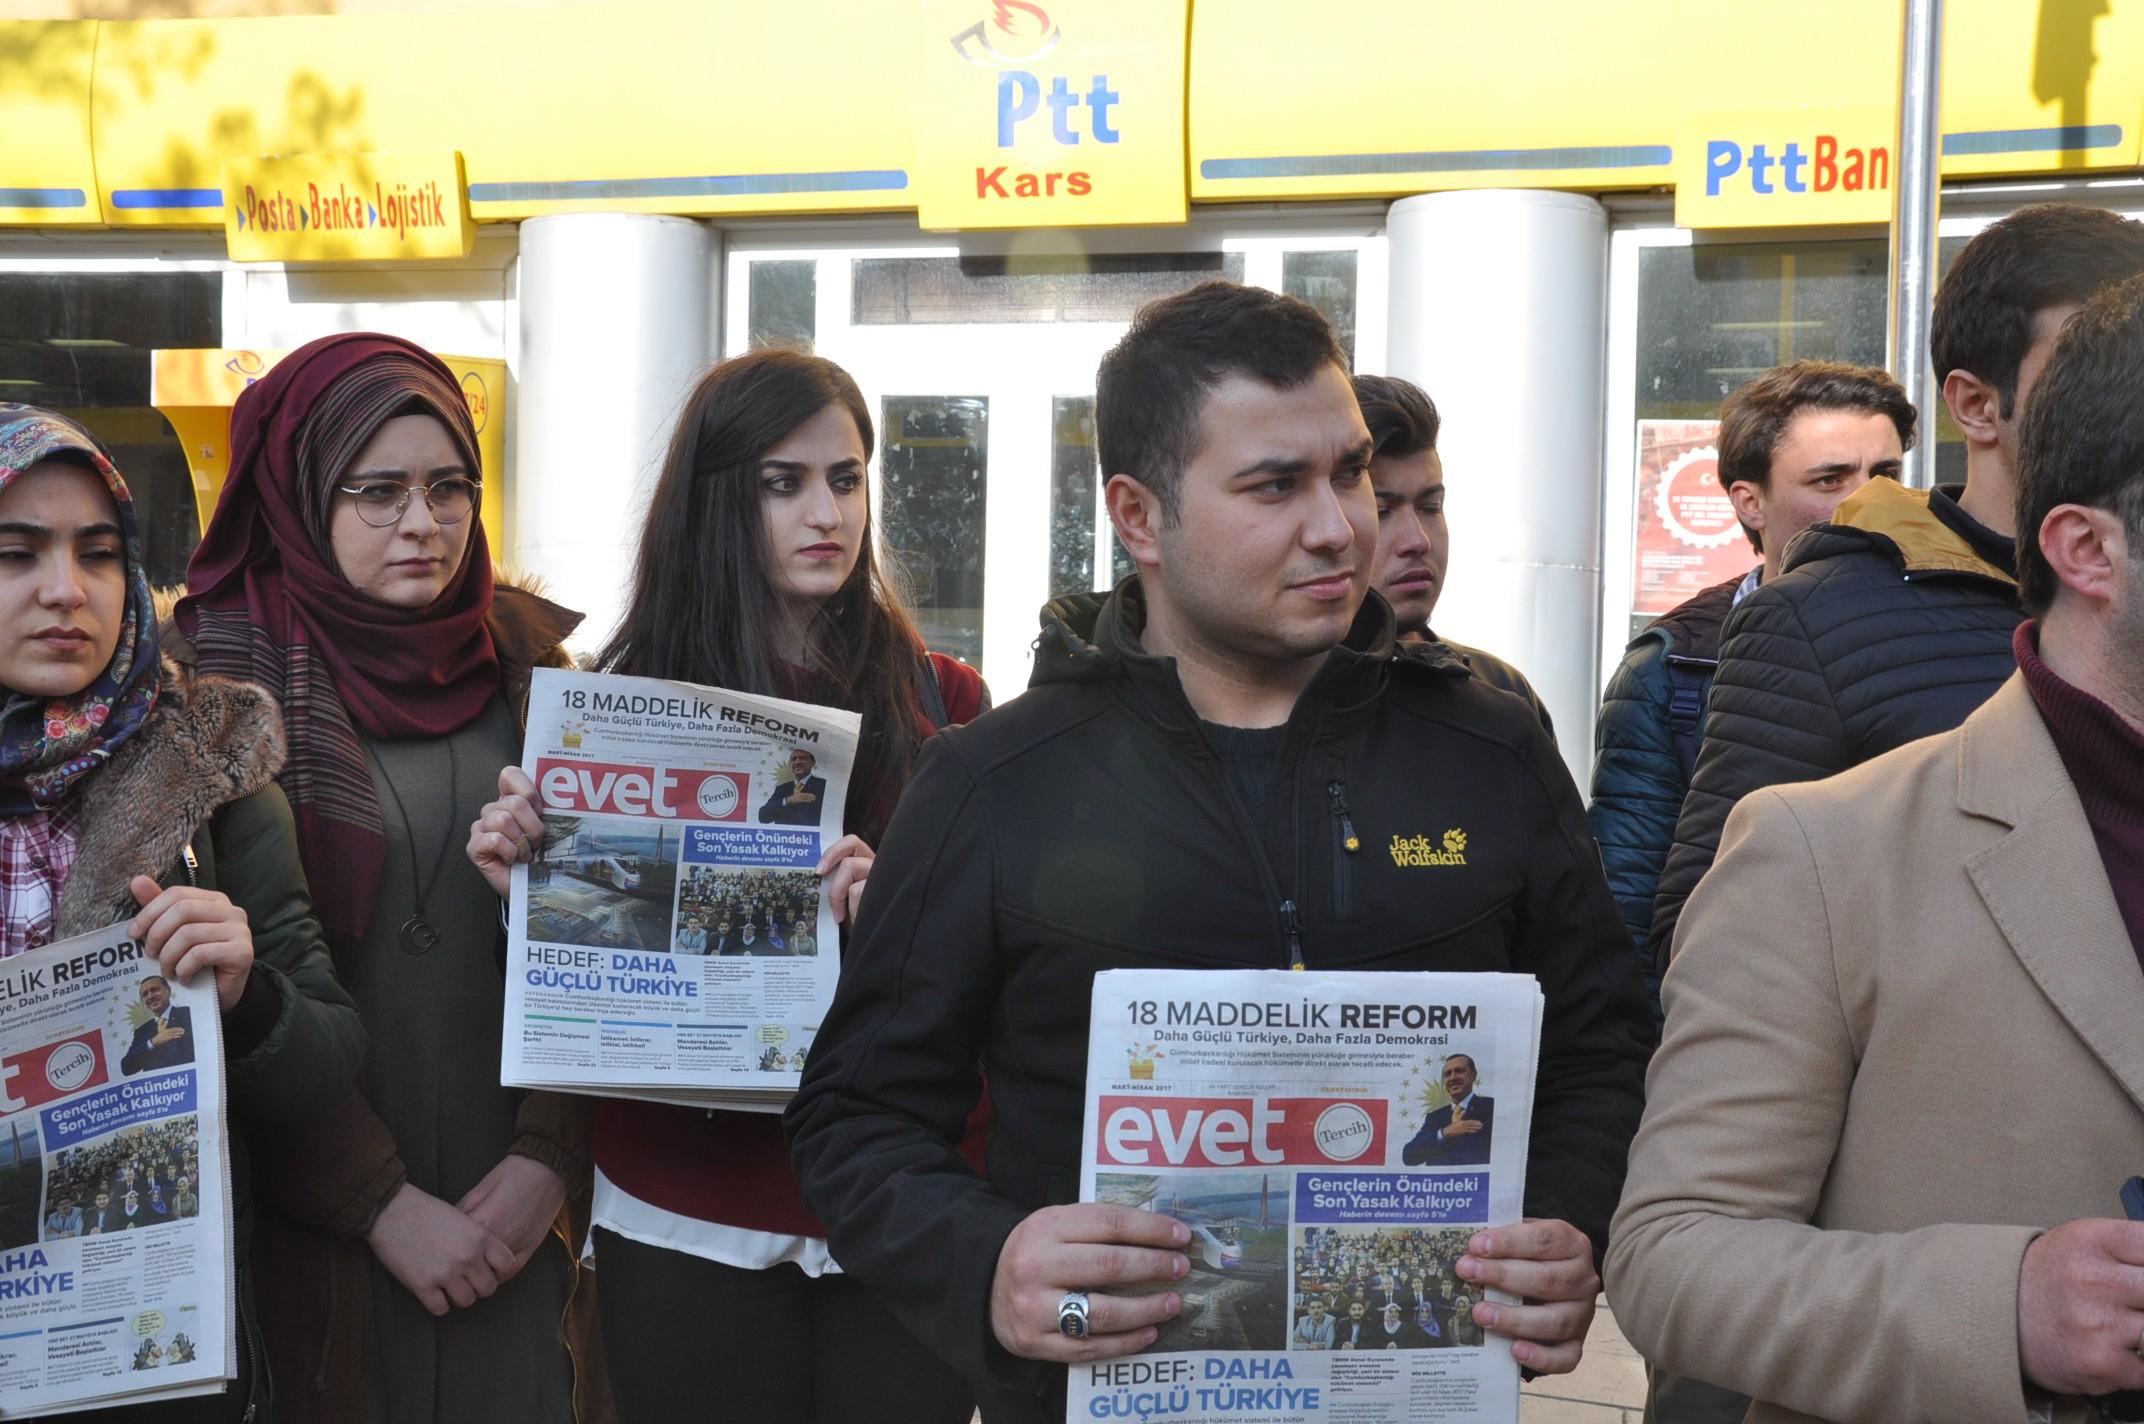 ak-gencler-kilicdarogluna-evet-gazetesi-gonderdi-(3).jpg